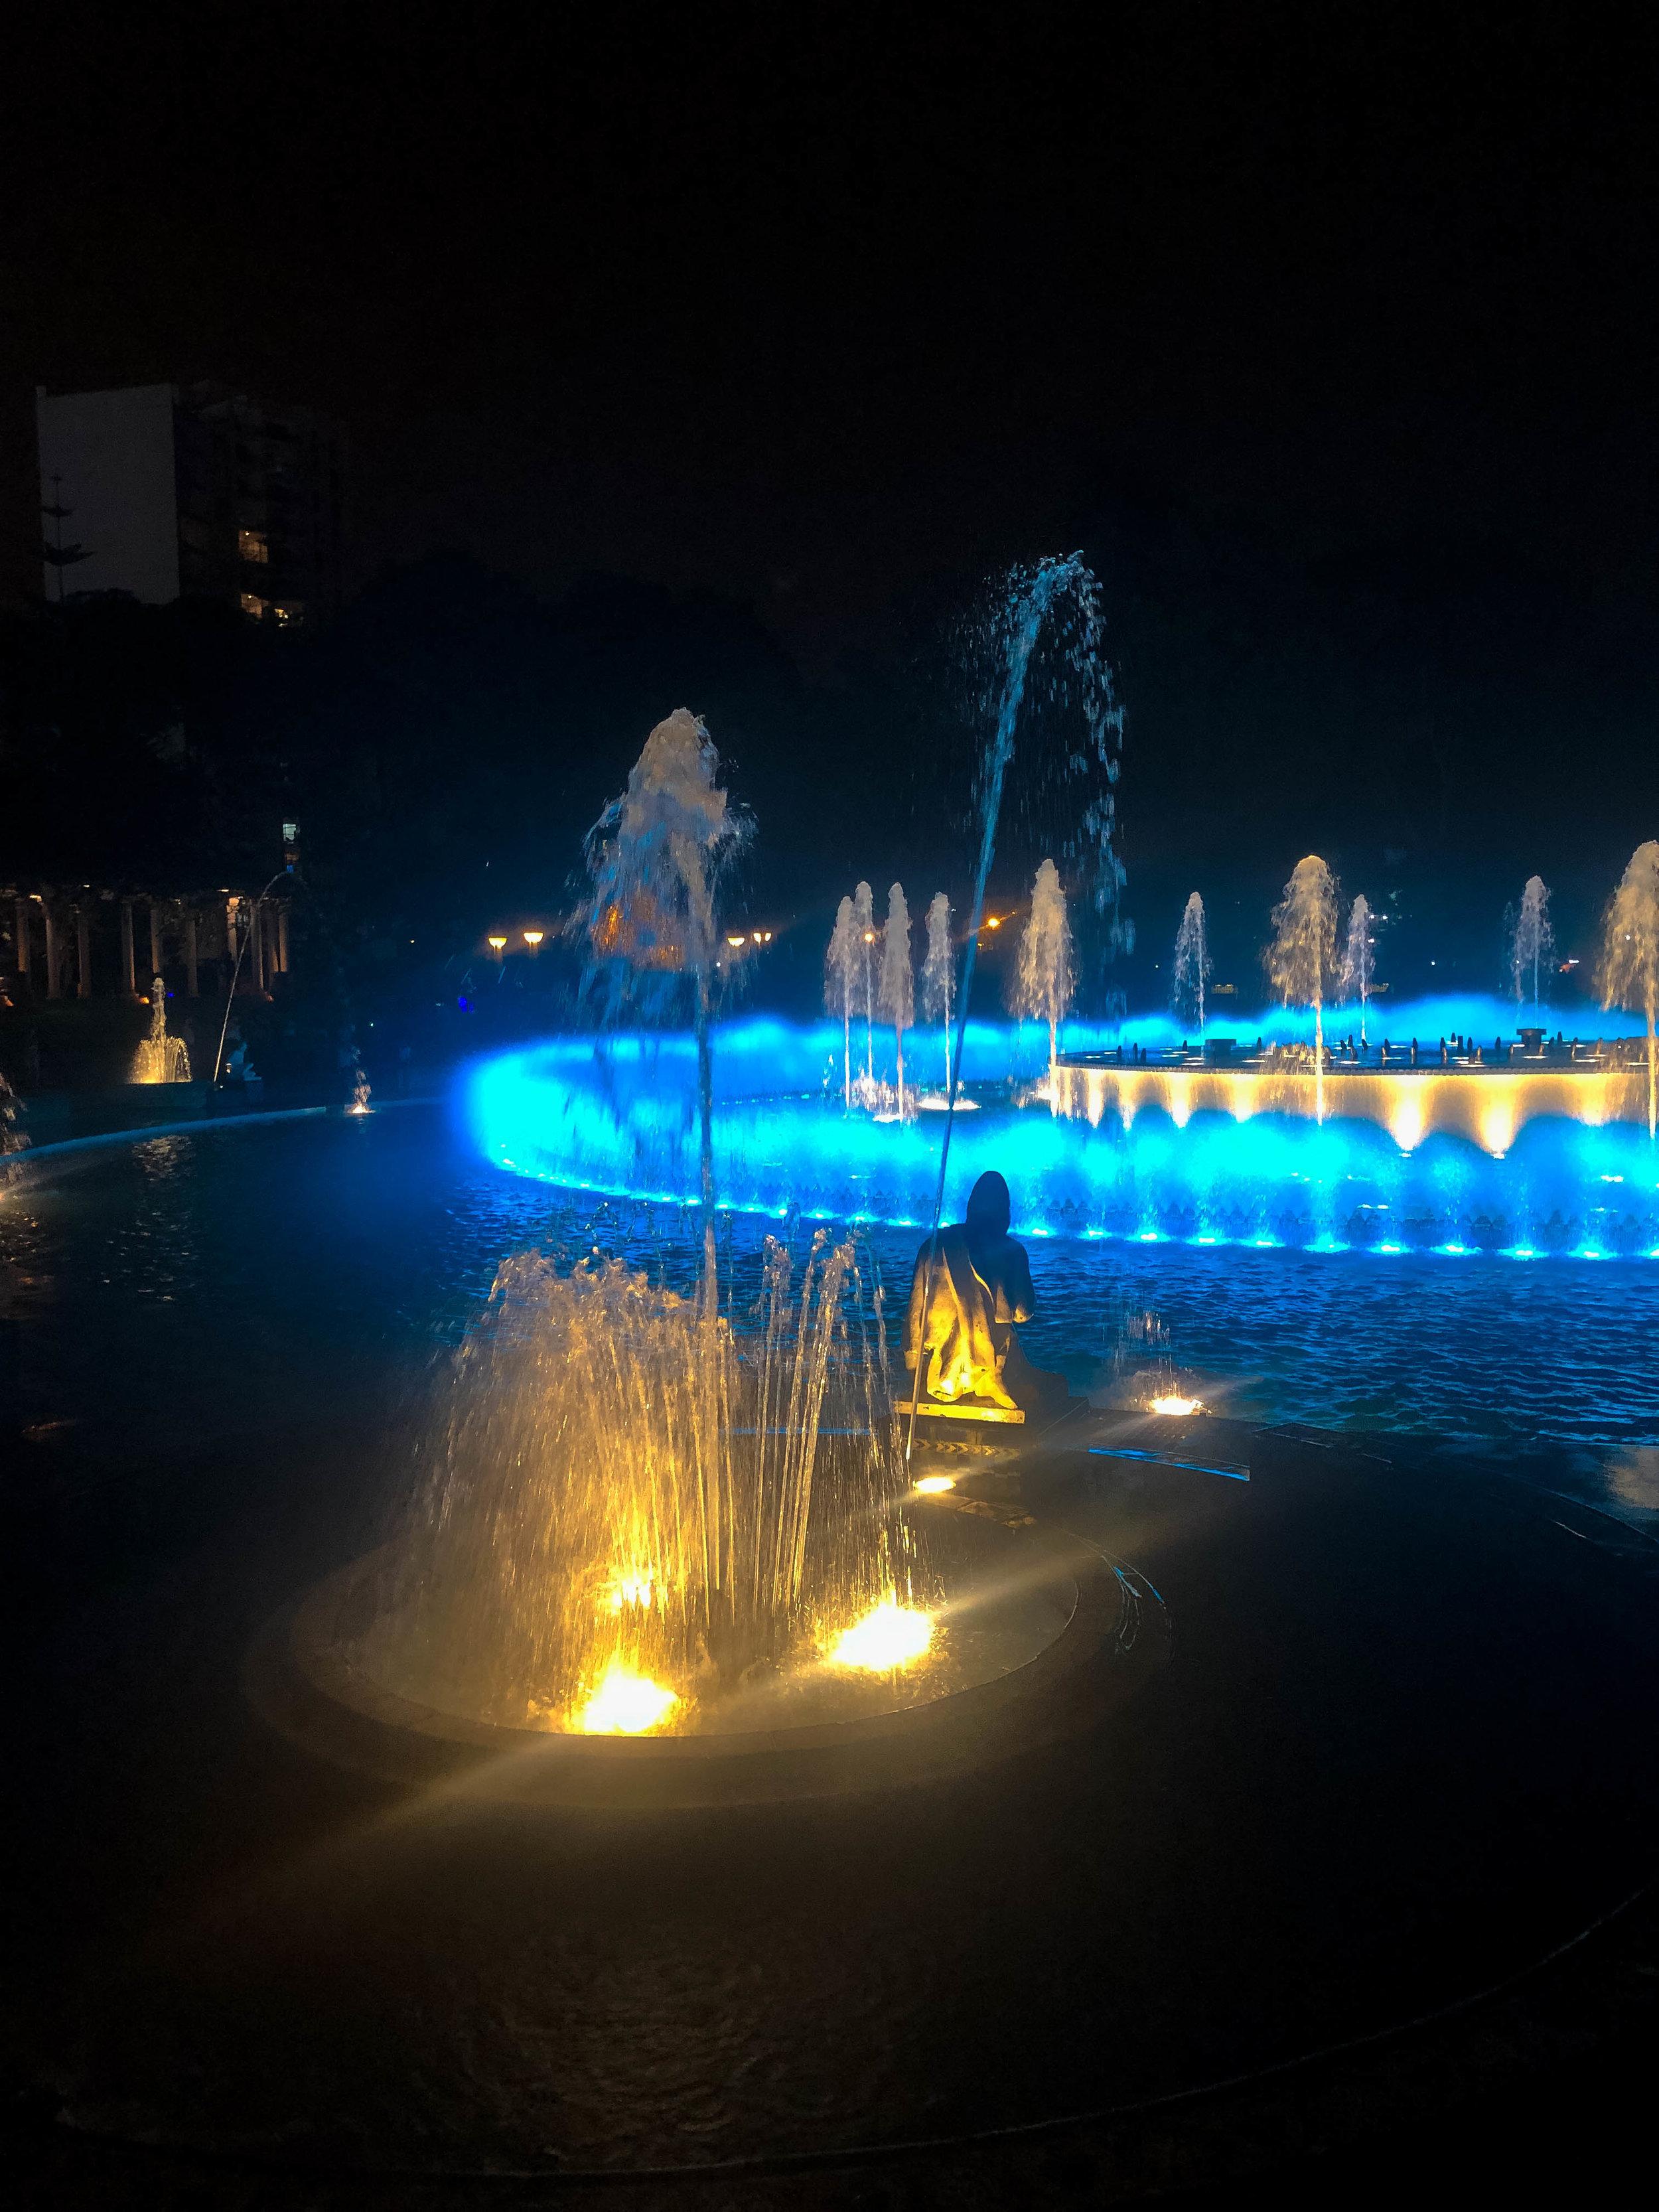 Lightshow at the Parque De La Reserva